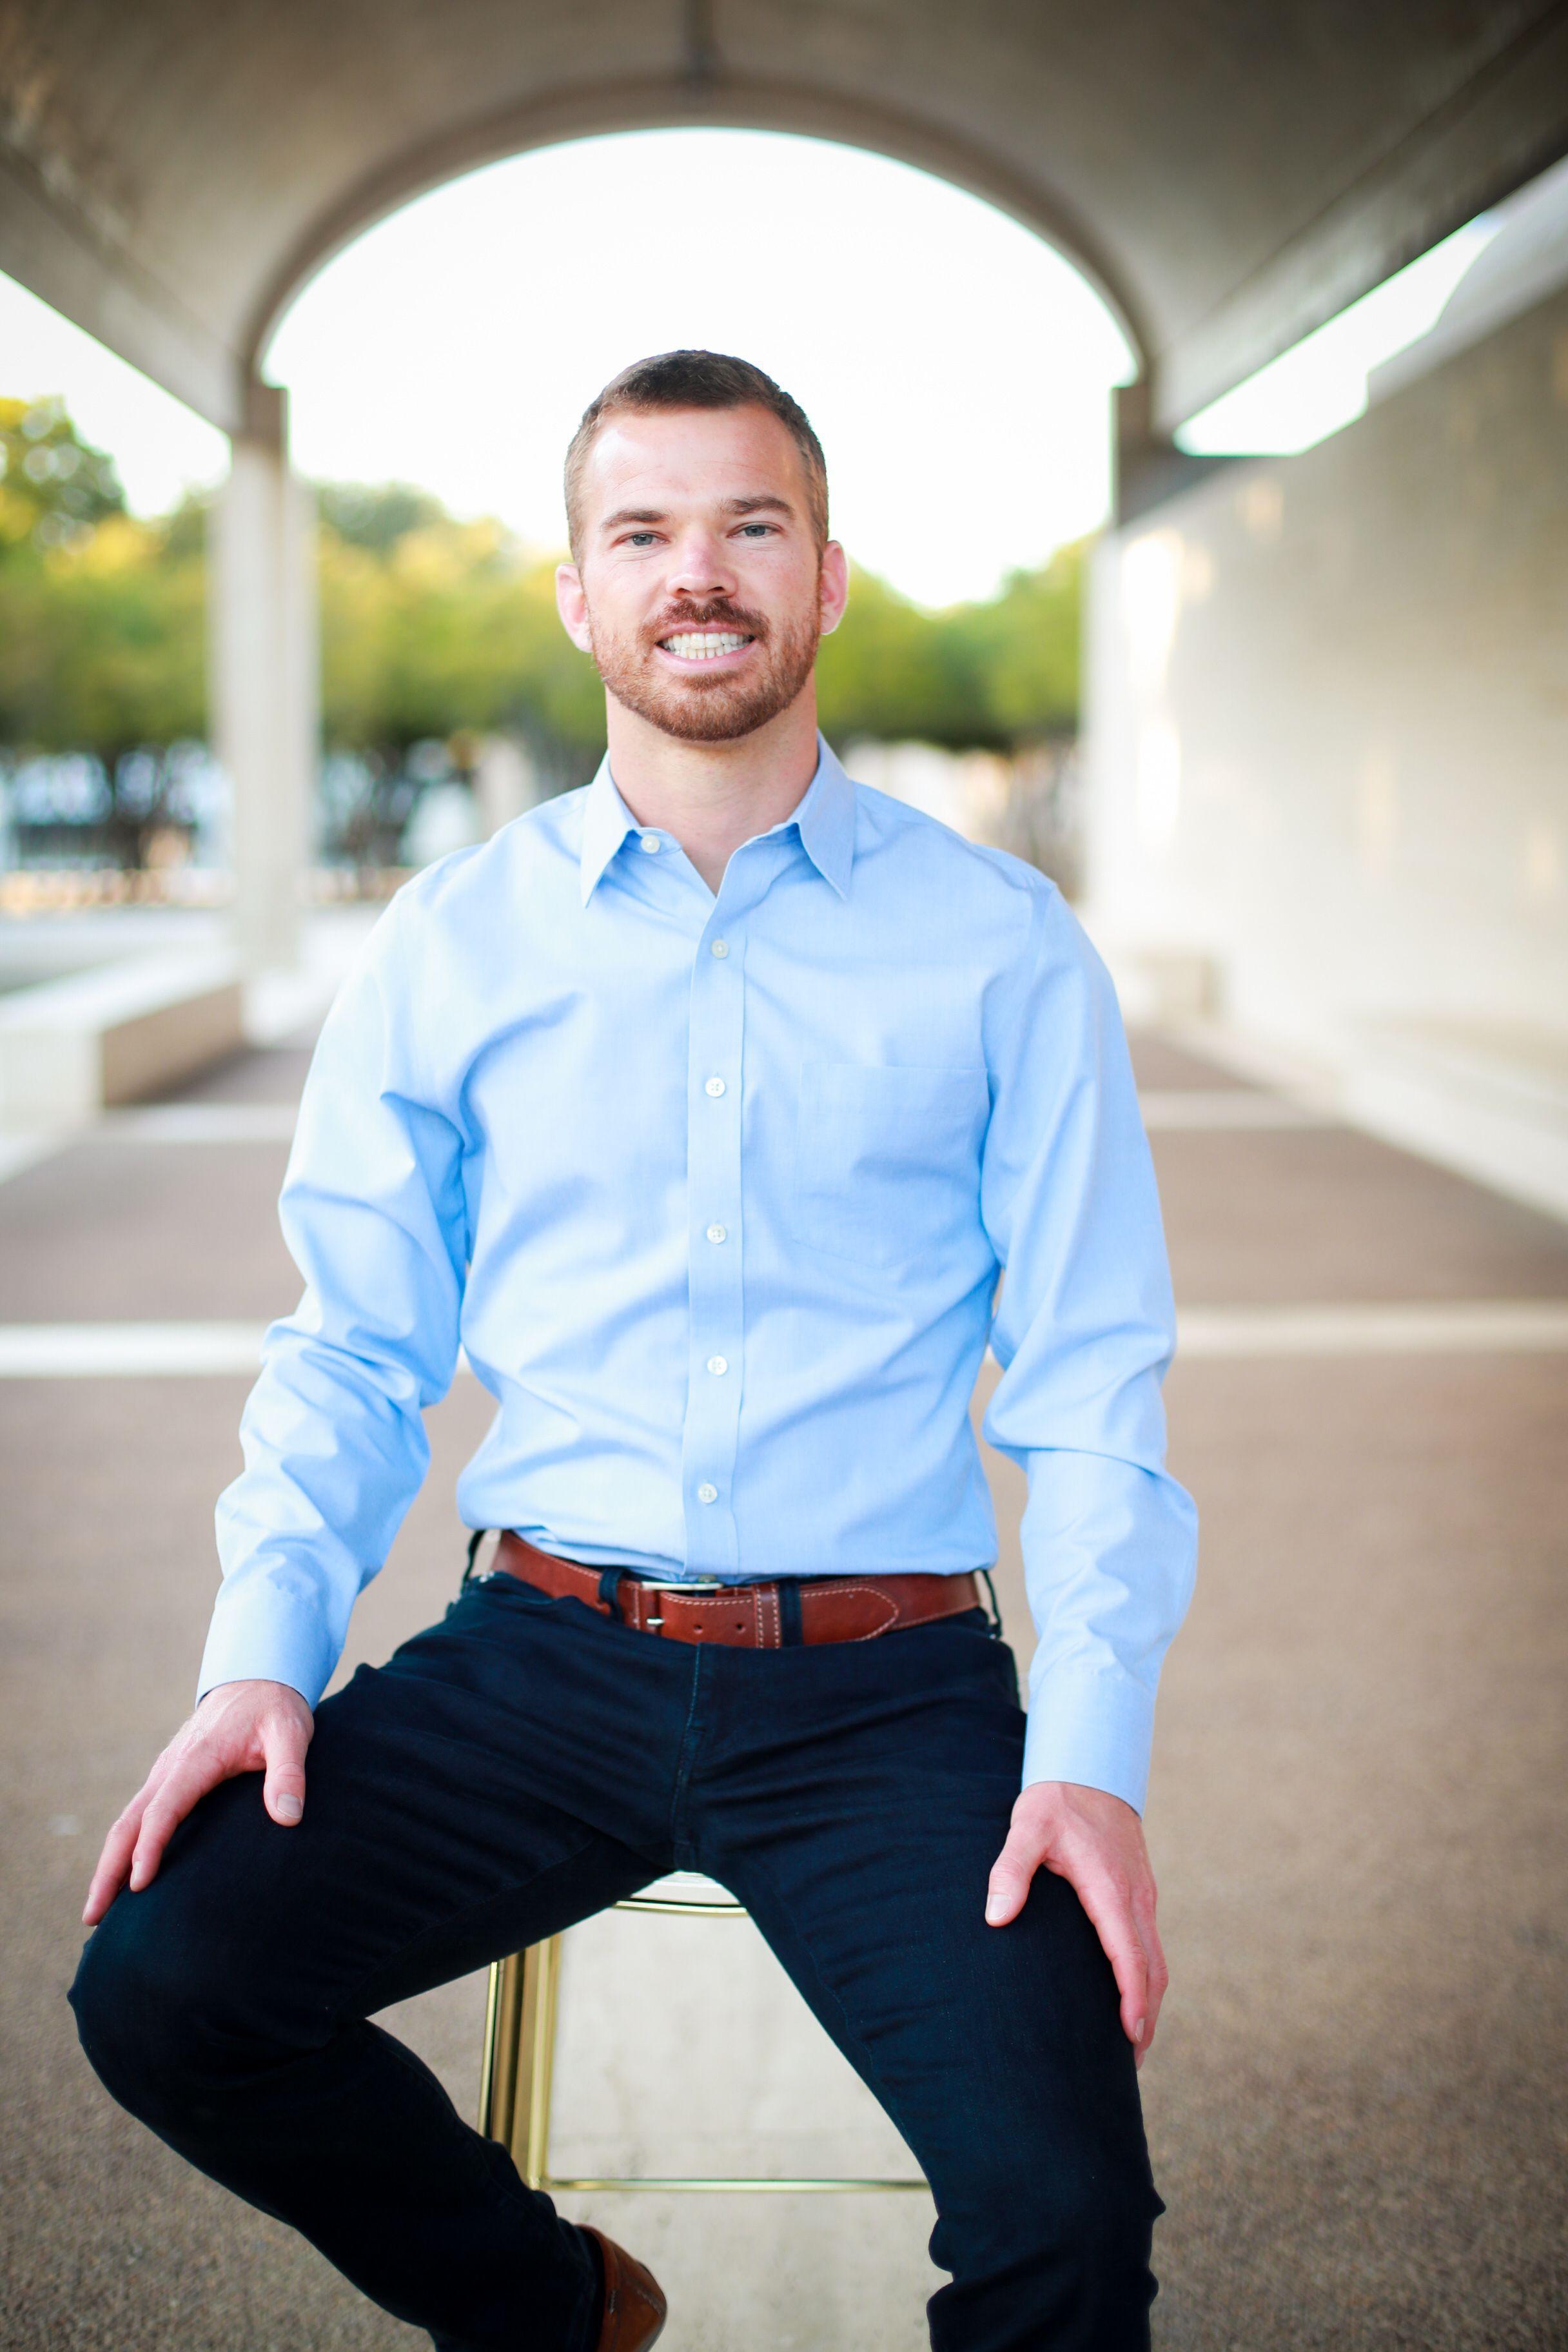 Dr. Jonathan Risner